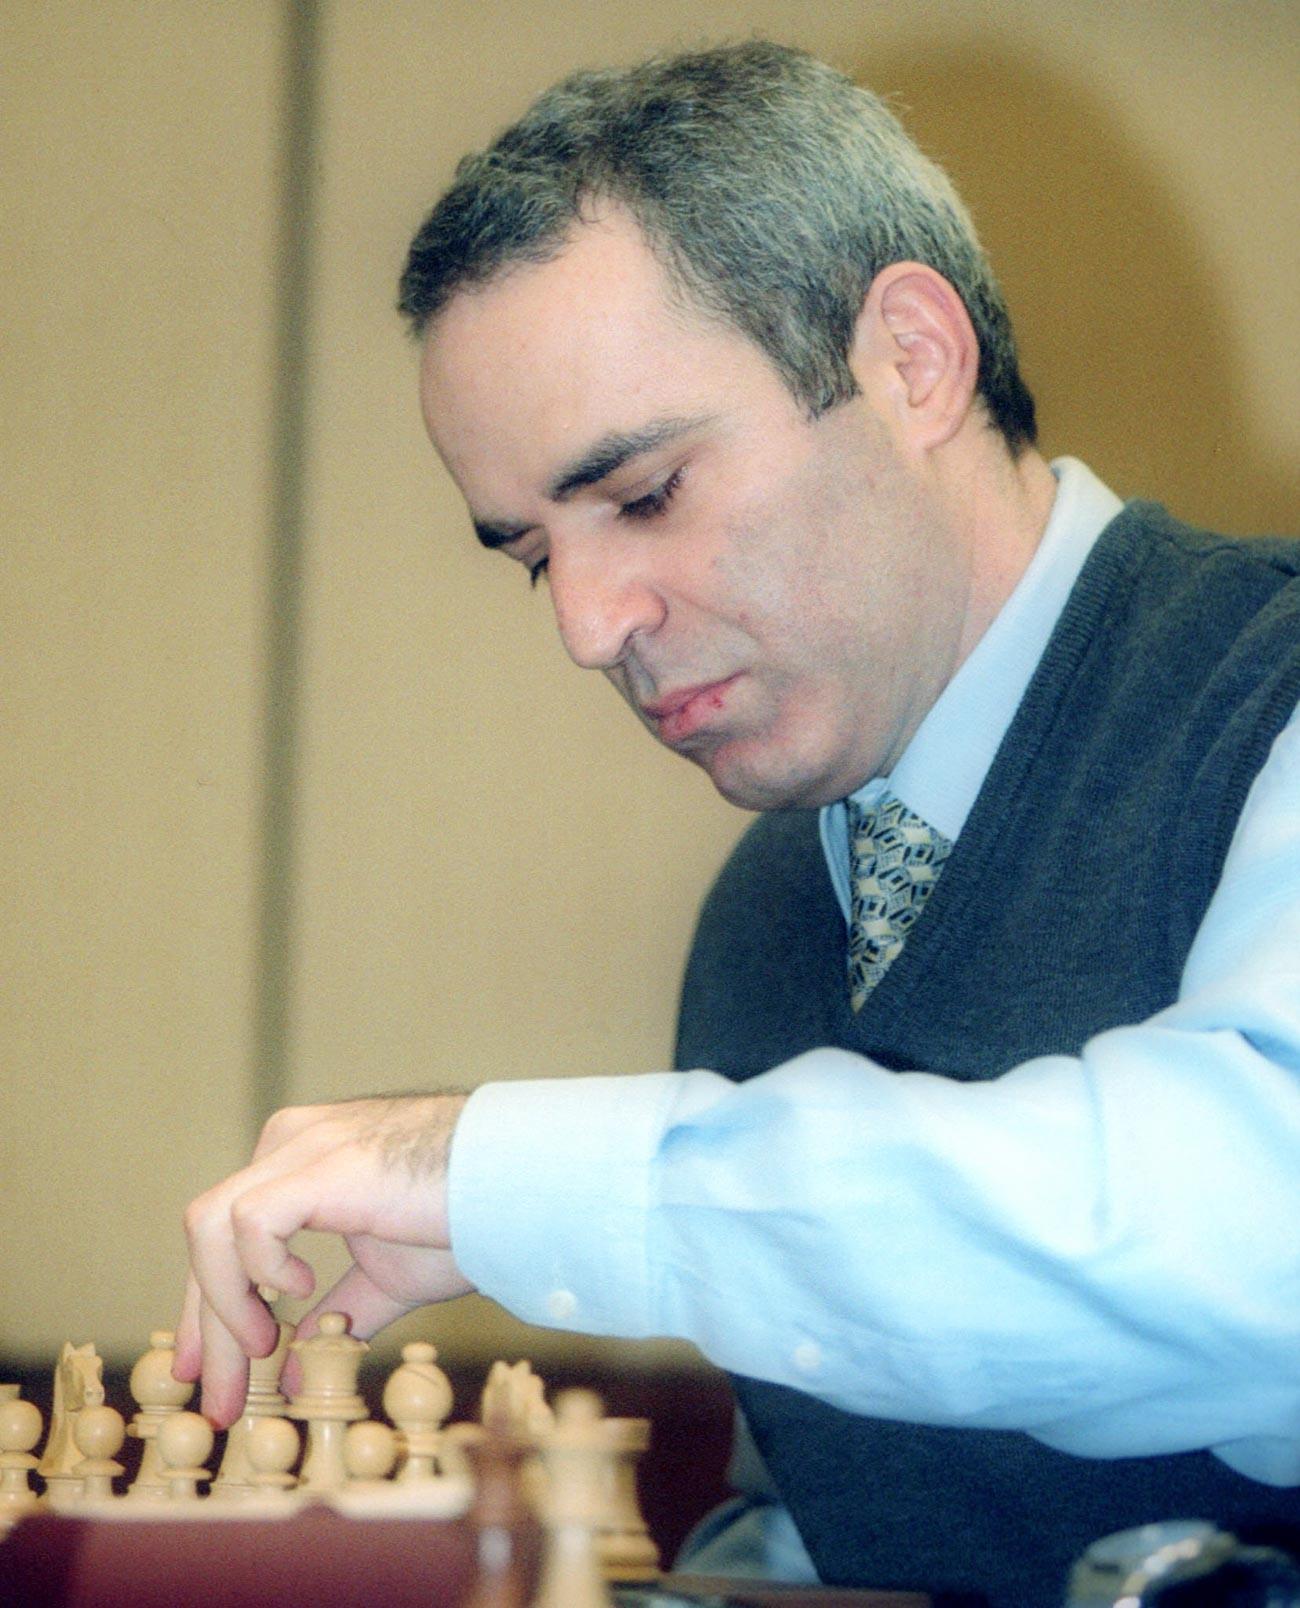 Руски шаховски велемајстор Гари Каспаров